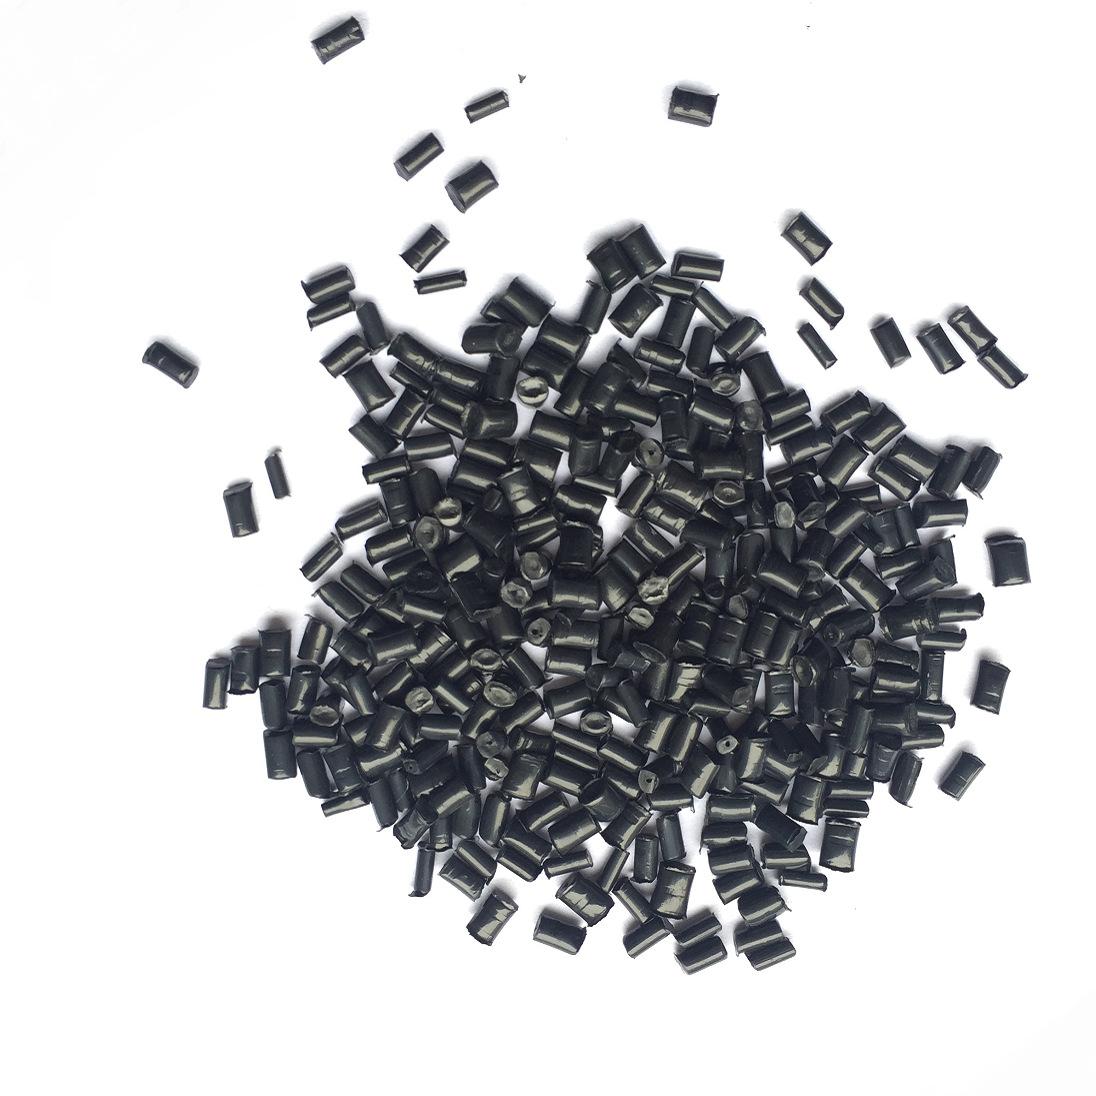 SIWEITE Nhựa tái sinh Cung cấp vật liệu tái chế PA6 màu đen mà không có độ dẻo cao